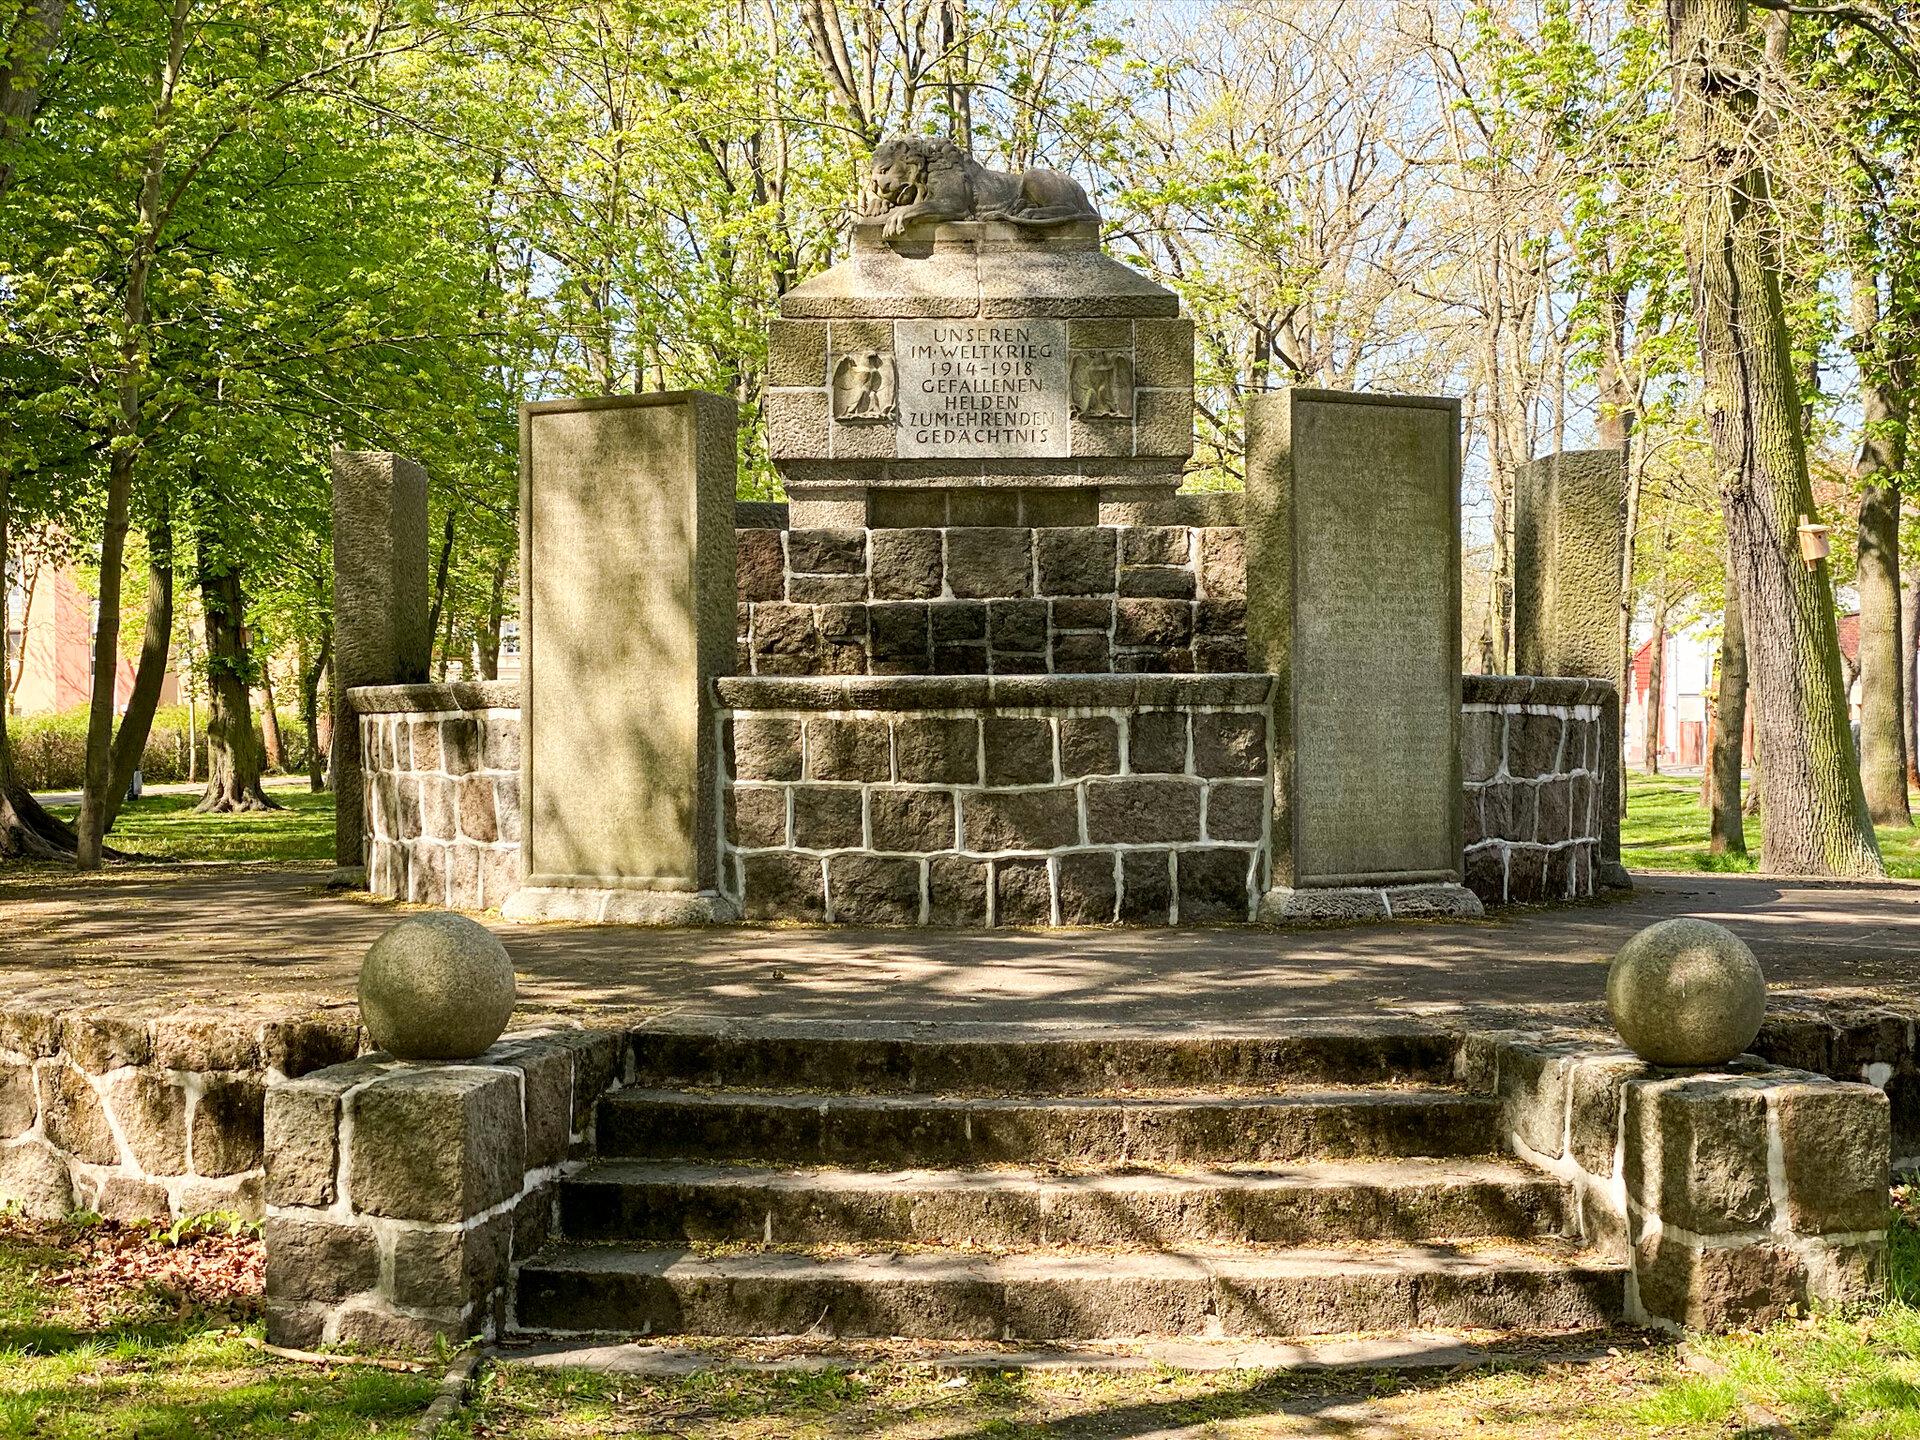 Pritzwalk, Park am Postplatz: Denkmal für die Gefallenen des Ersten Weltkriegs (1914-1918)